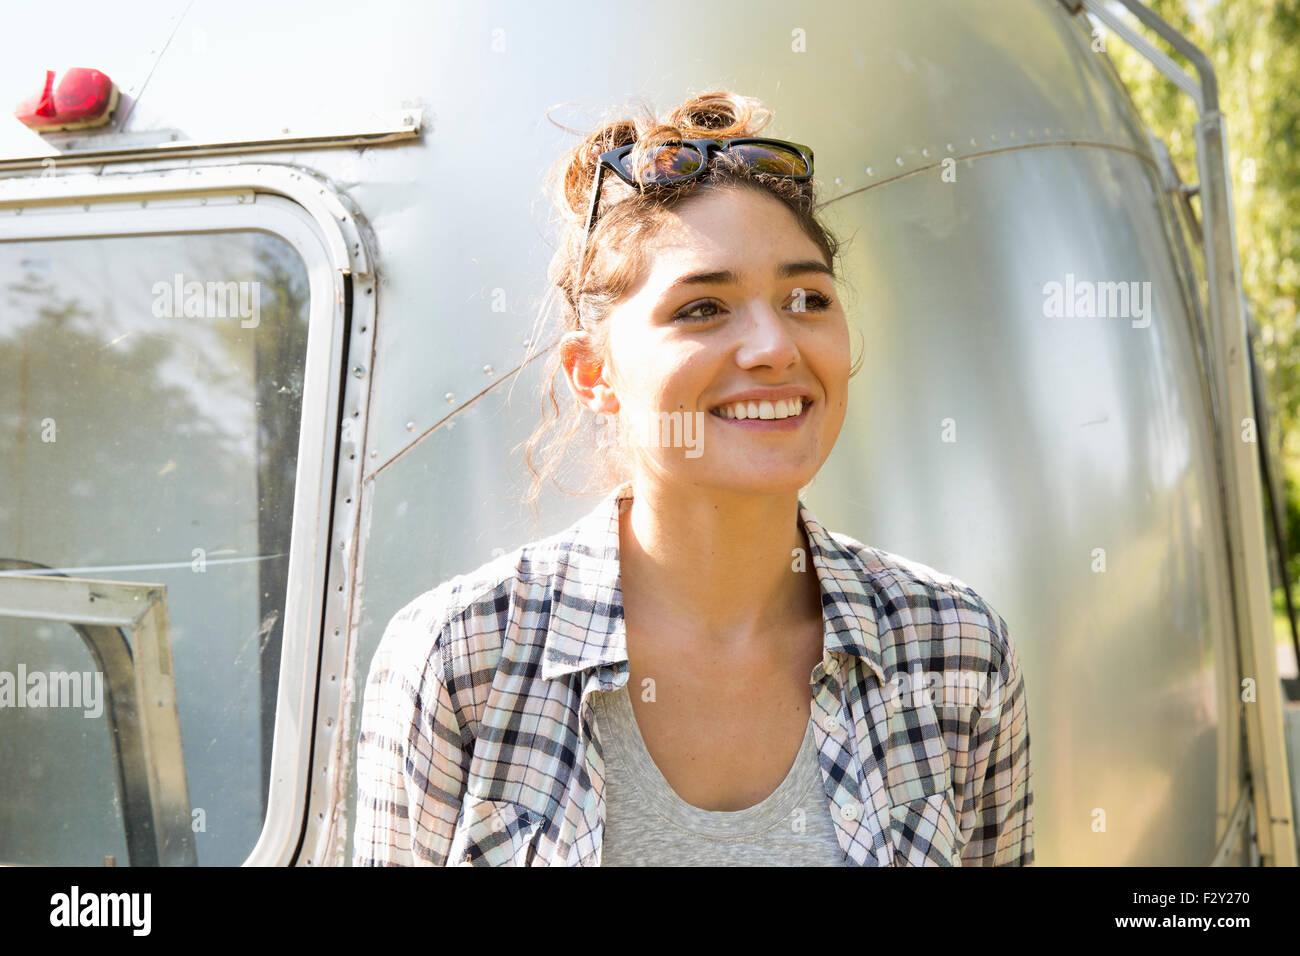 Una mujer joven con gafas de sol por un remolque de color plata. Imagen De Stock